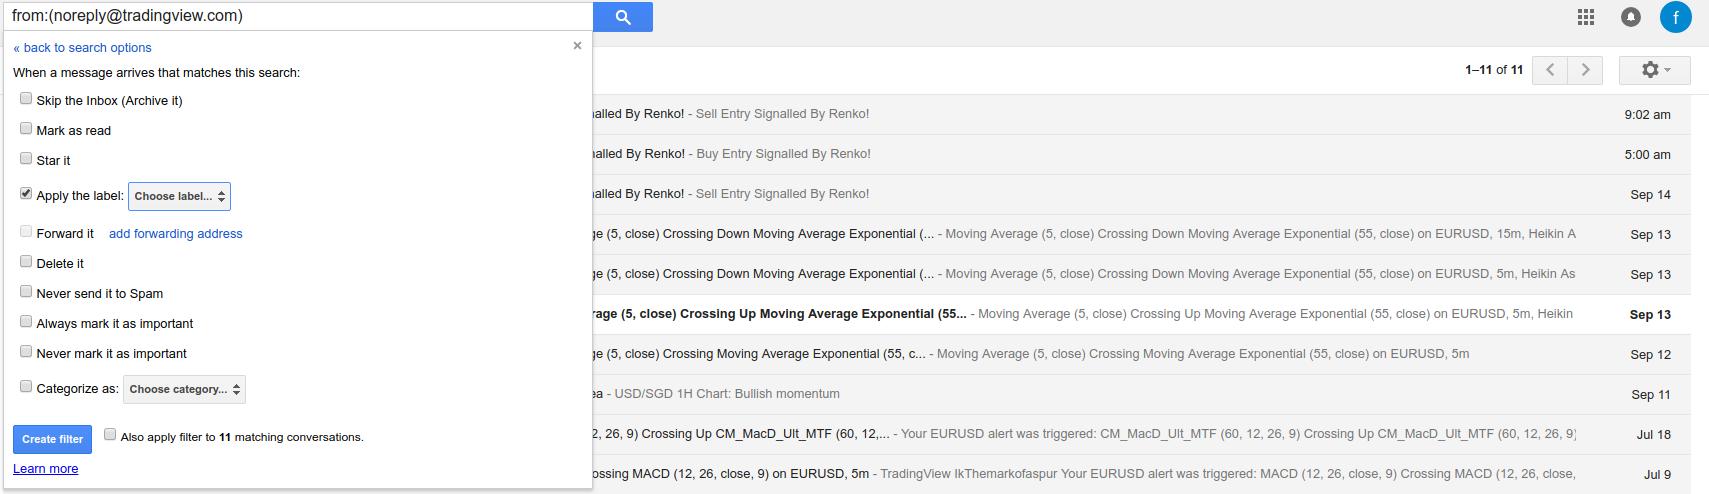 Create a label in gmail